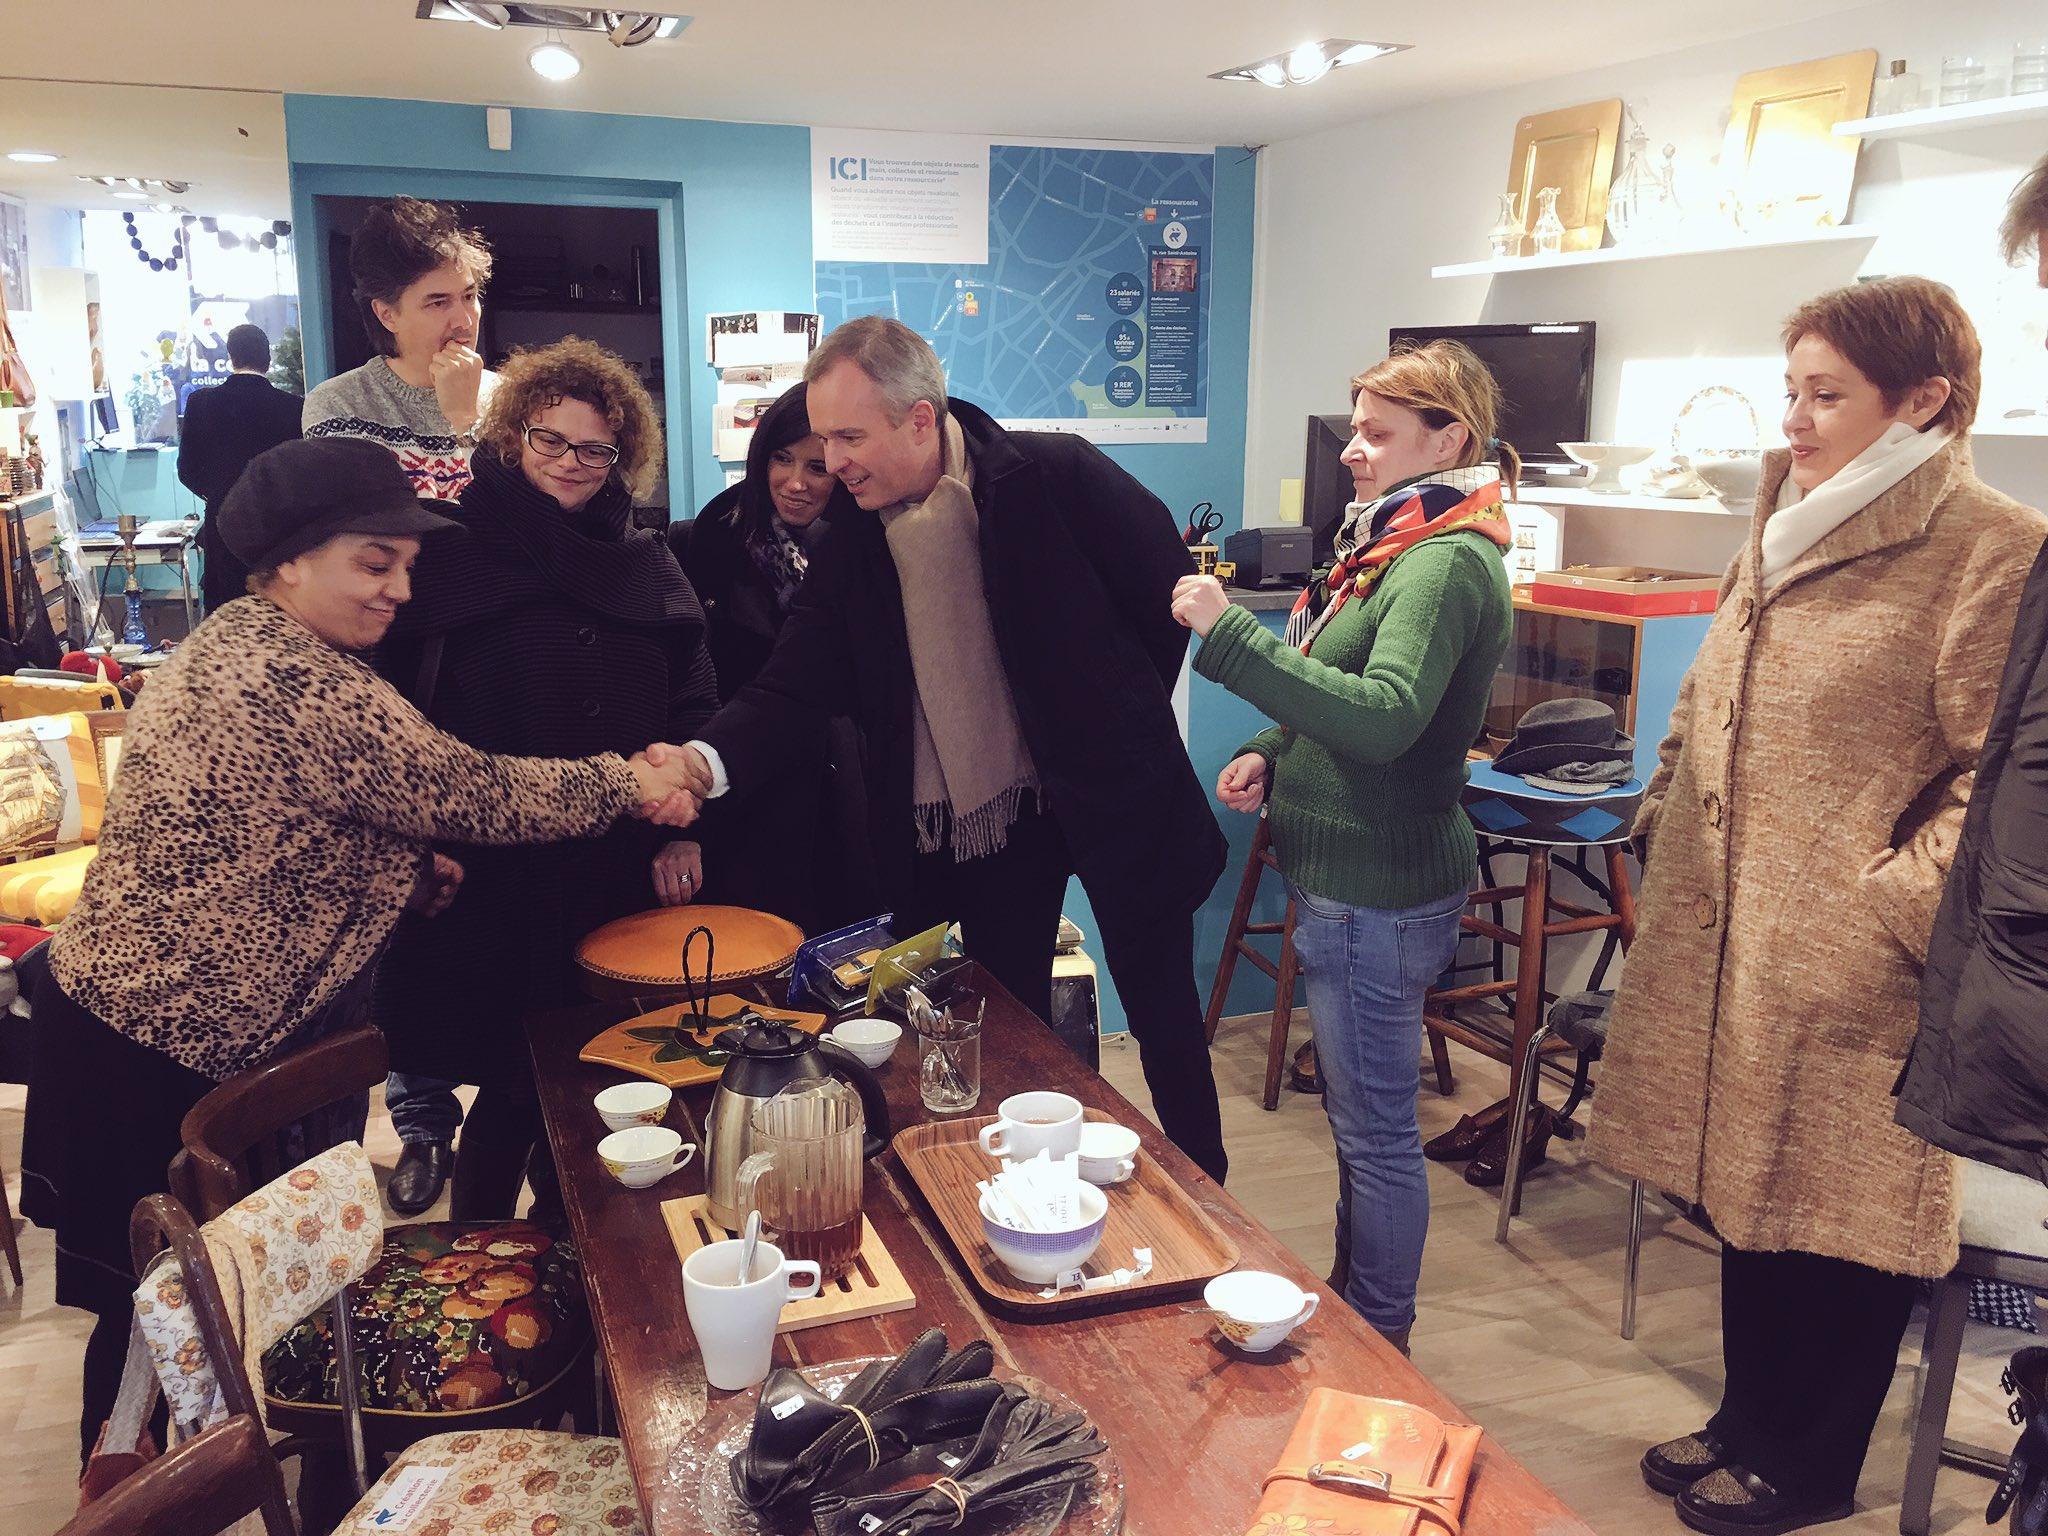 Visite à @montreuil, rencontre des acteurs de l'économie sociale et solidaire. La Collecterie reconditionne des objets récupérés #IdéeCadeau https://t.co/LctqIsxF3v